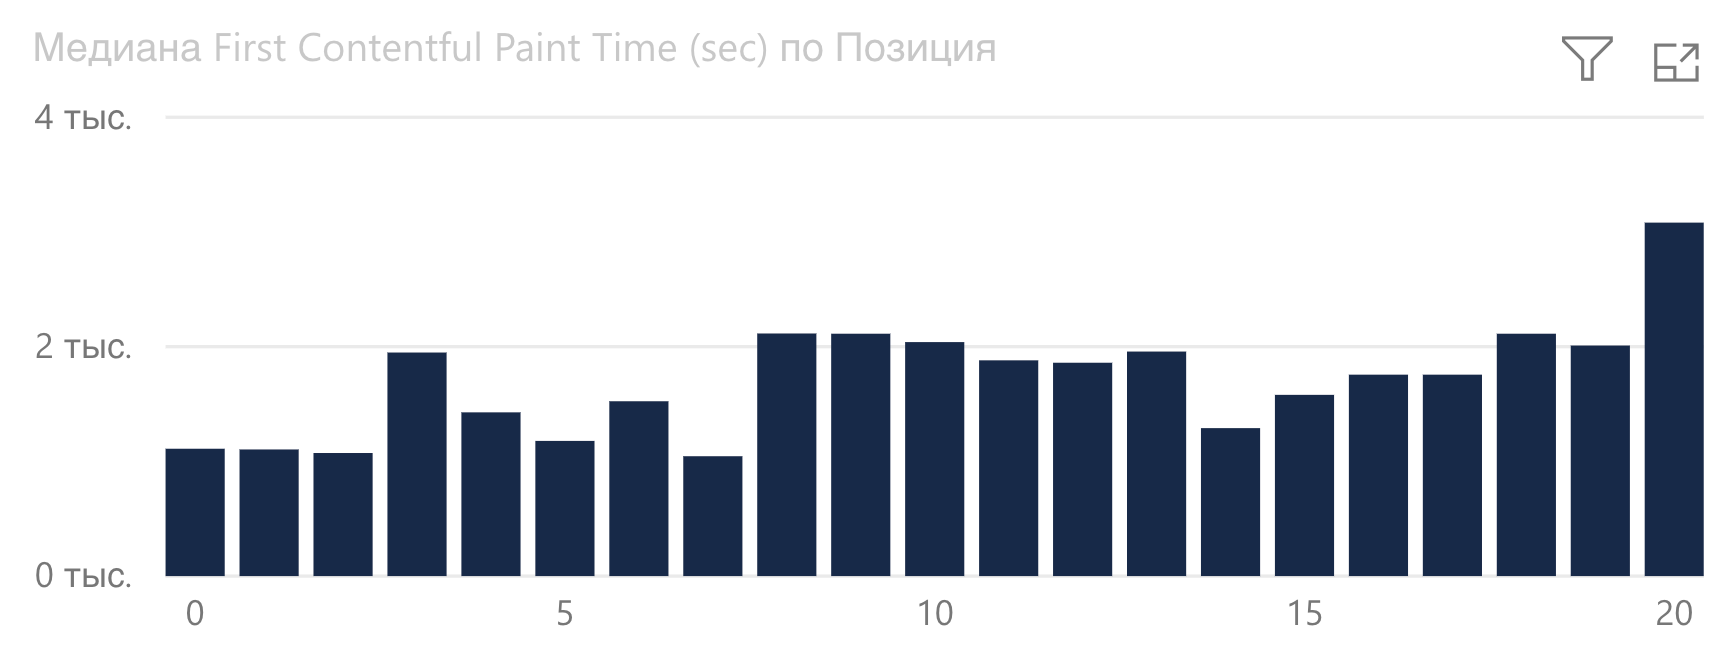 График зависимости First Contentful Paint от позиции Google в туристической сфере.